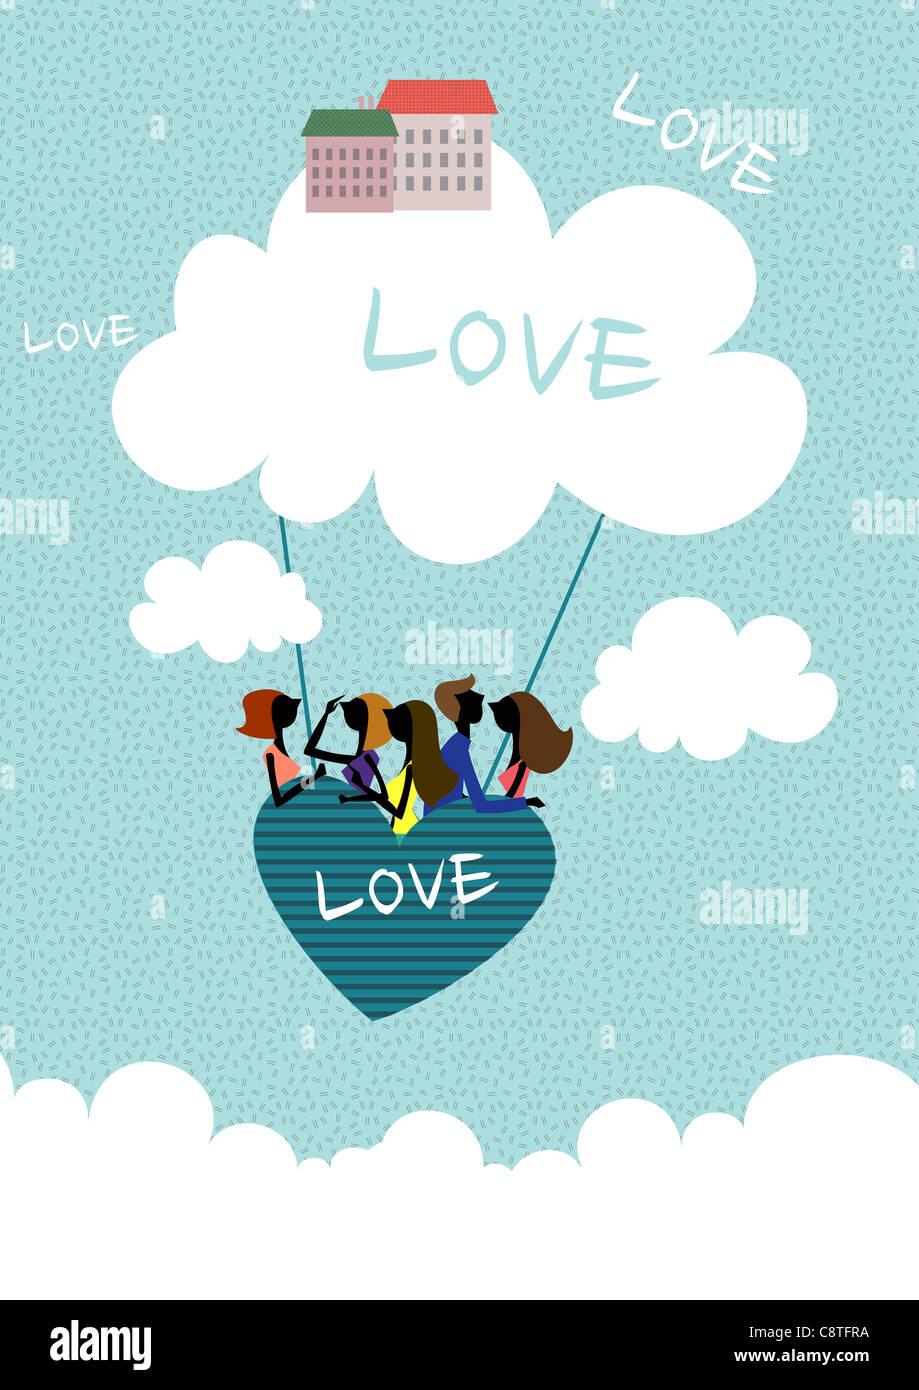 Paar In Herz-Form-Heißluftballon Stockbild